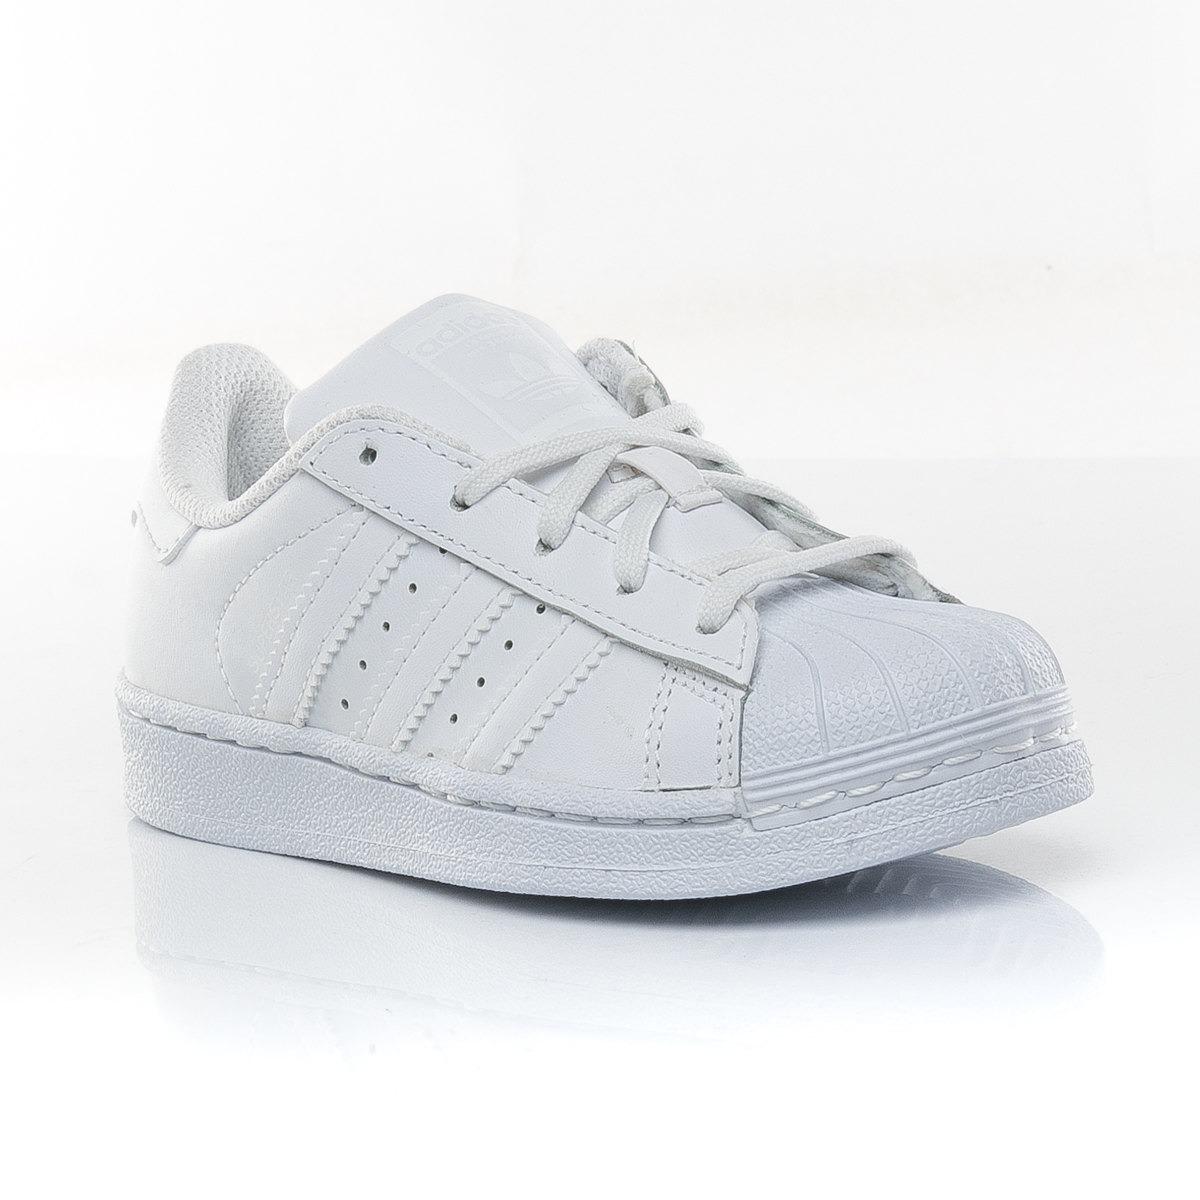 the latest e45ab 78f76 Superstar White Zapatillas Oficial Originals Tienda C Adidas qMpjLVSUzG